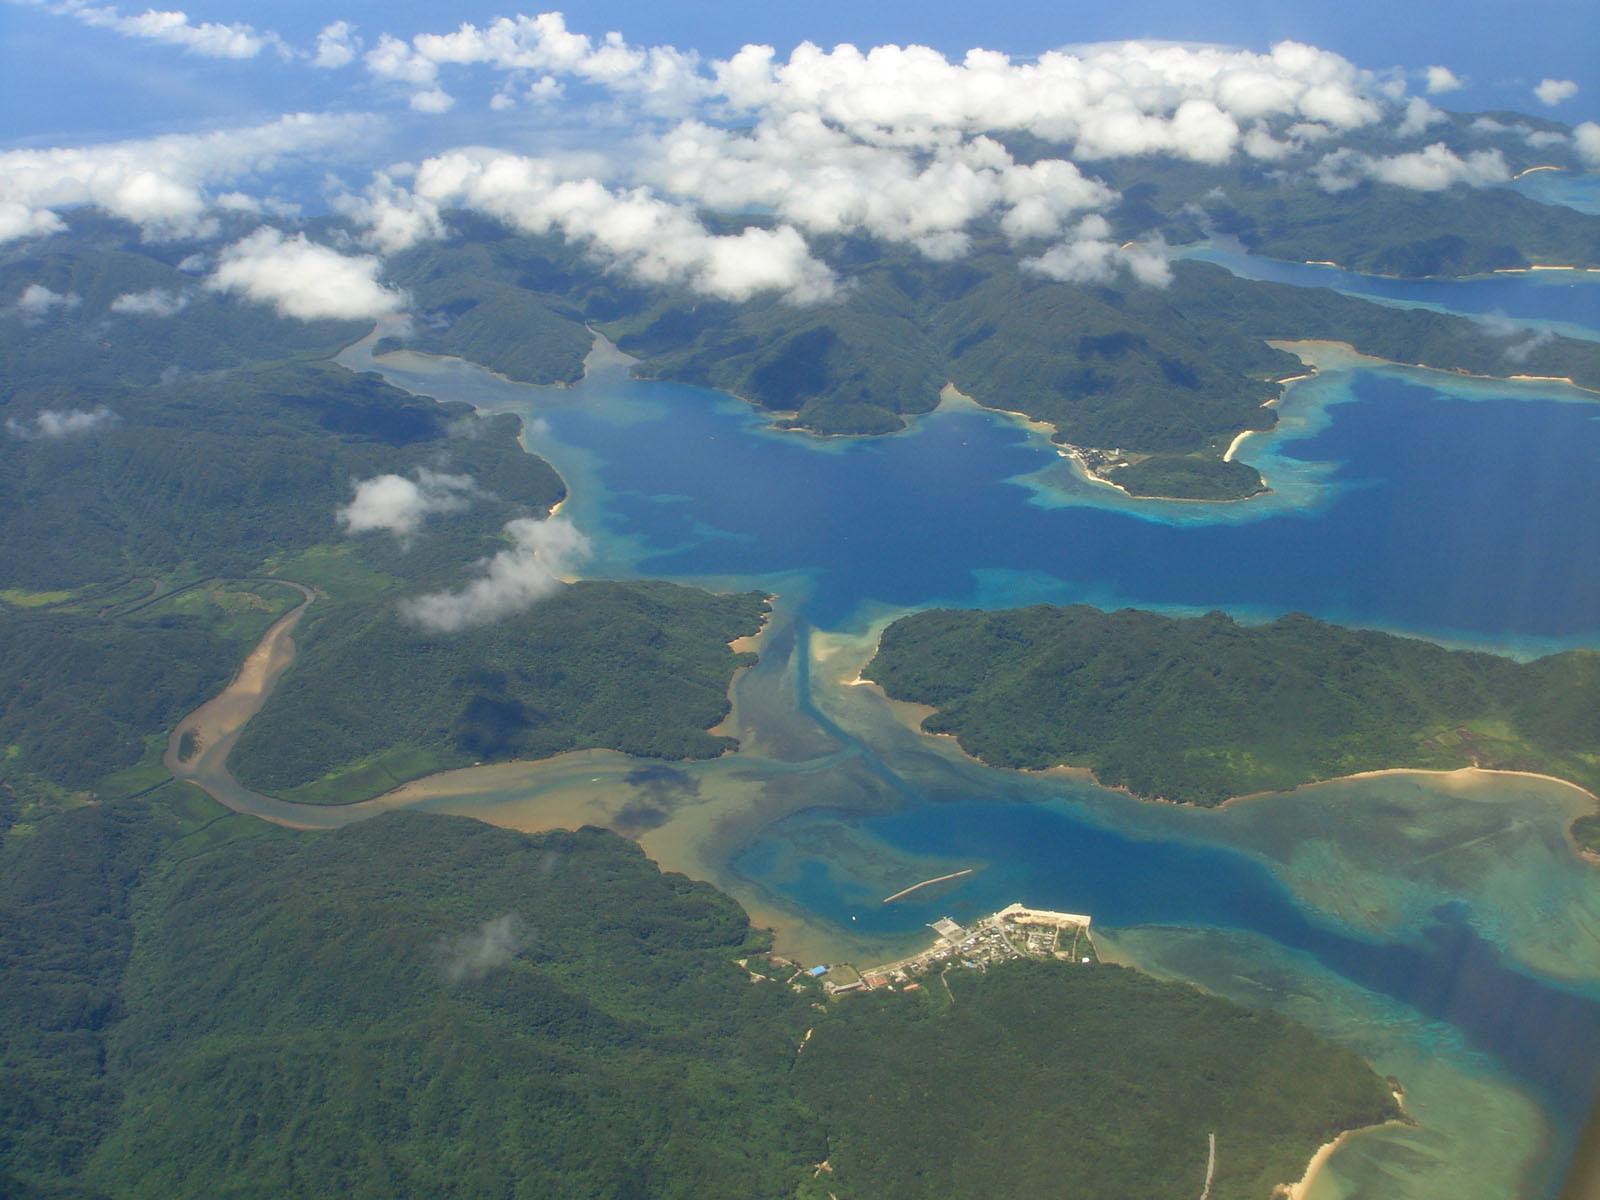 https://upload.wikimedia.org/wikipedia/commons/c/c0/Funauki_iriomote_island.jpg